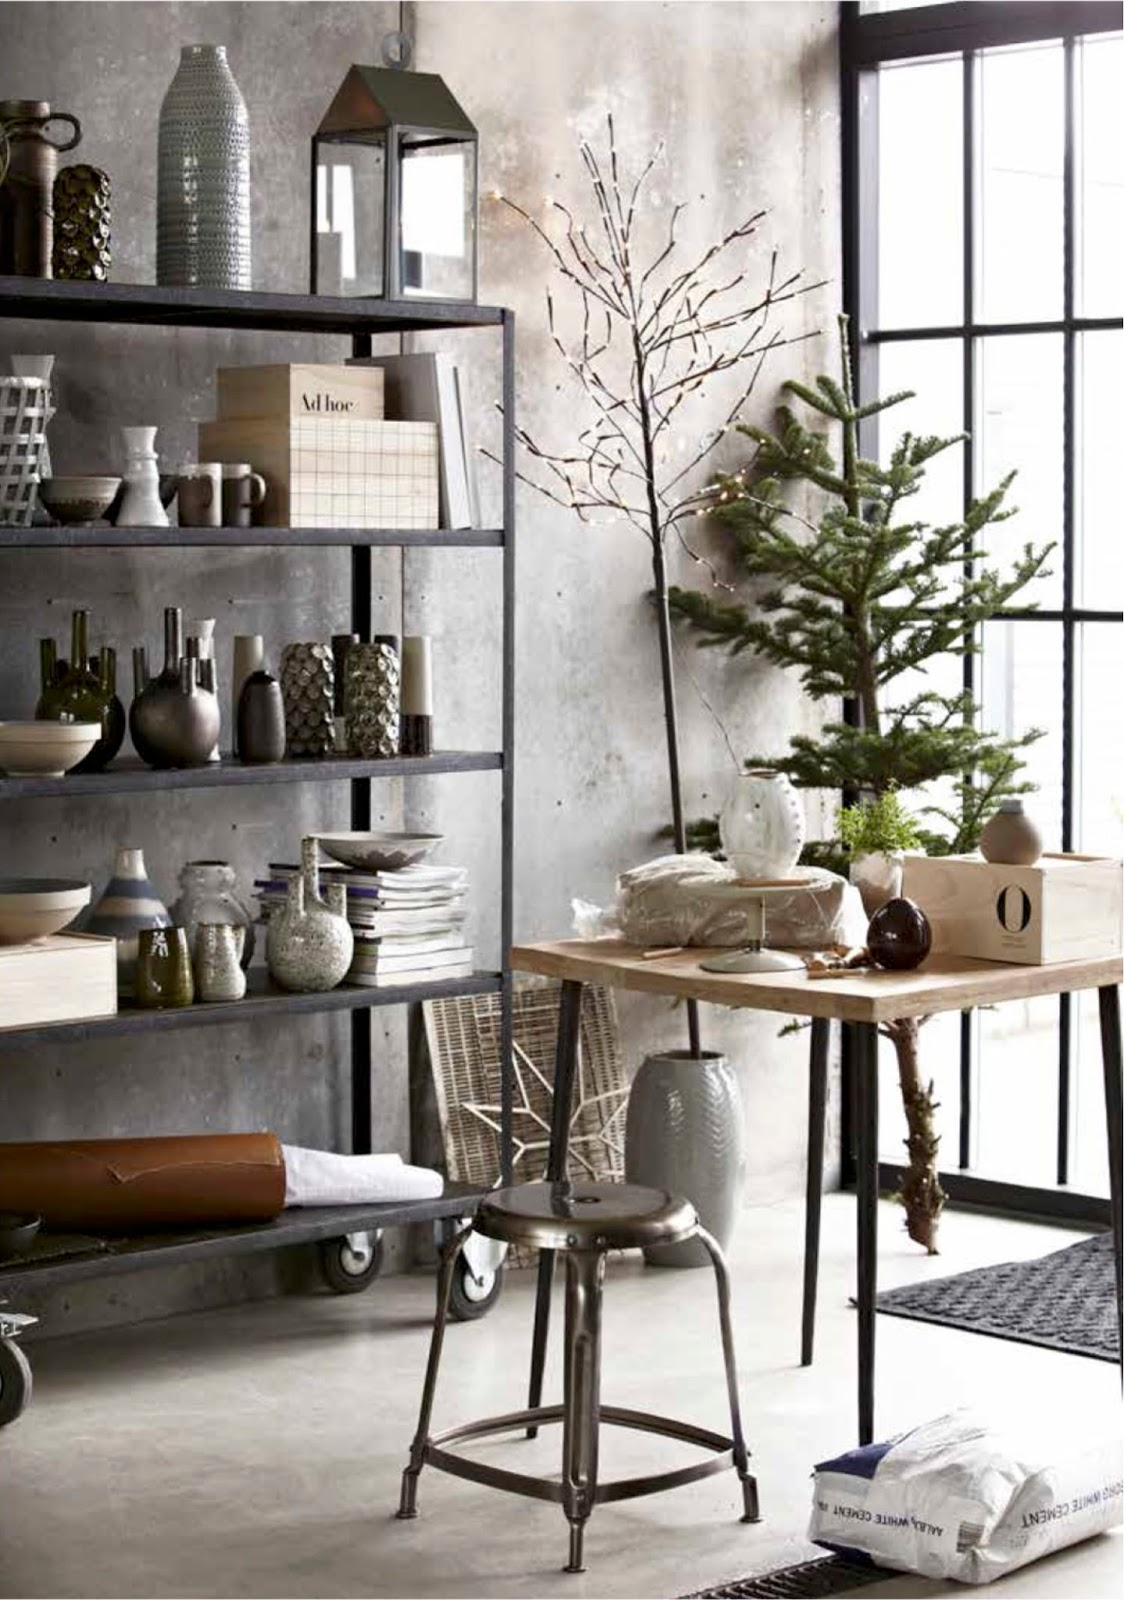 house doctor joulu 2015 keski. Black Bedroom Furniture Sets. Home Design Ideas